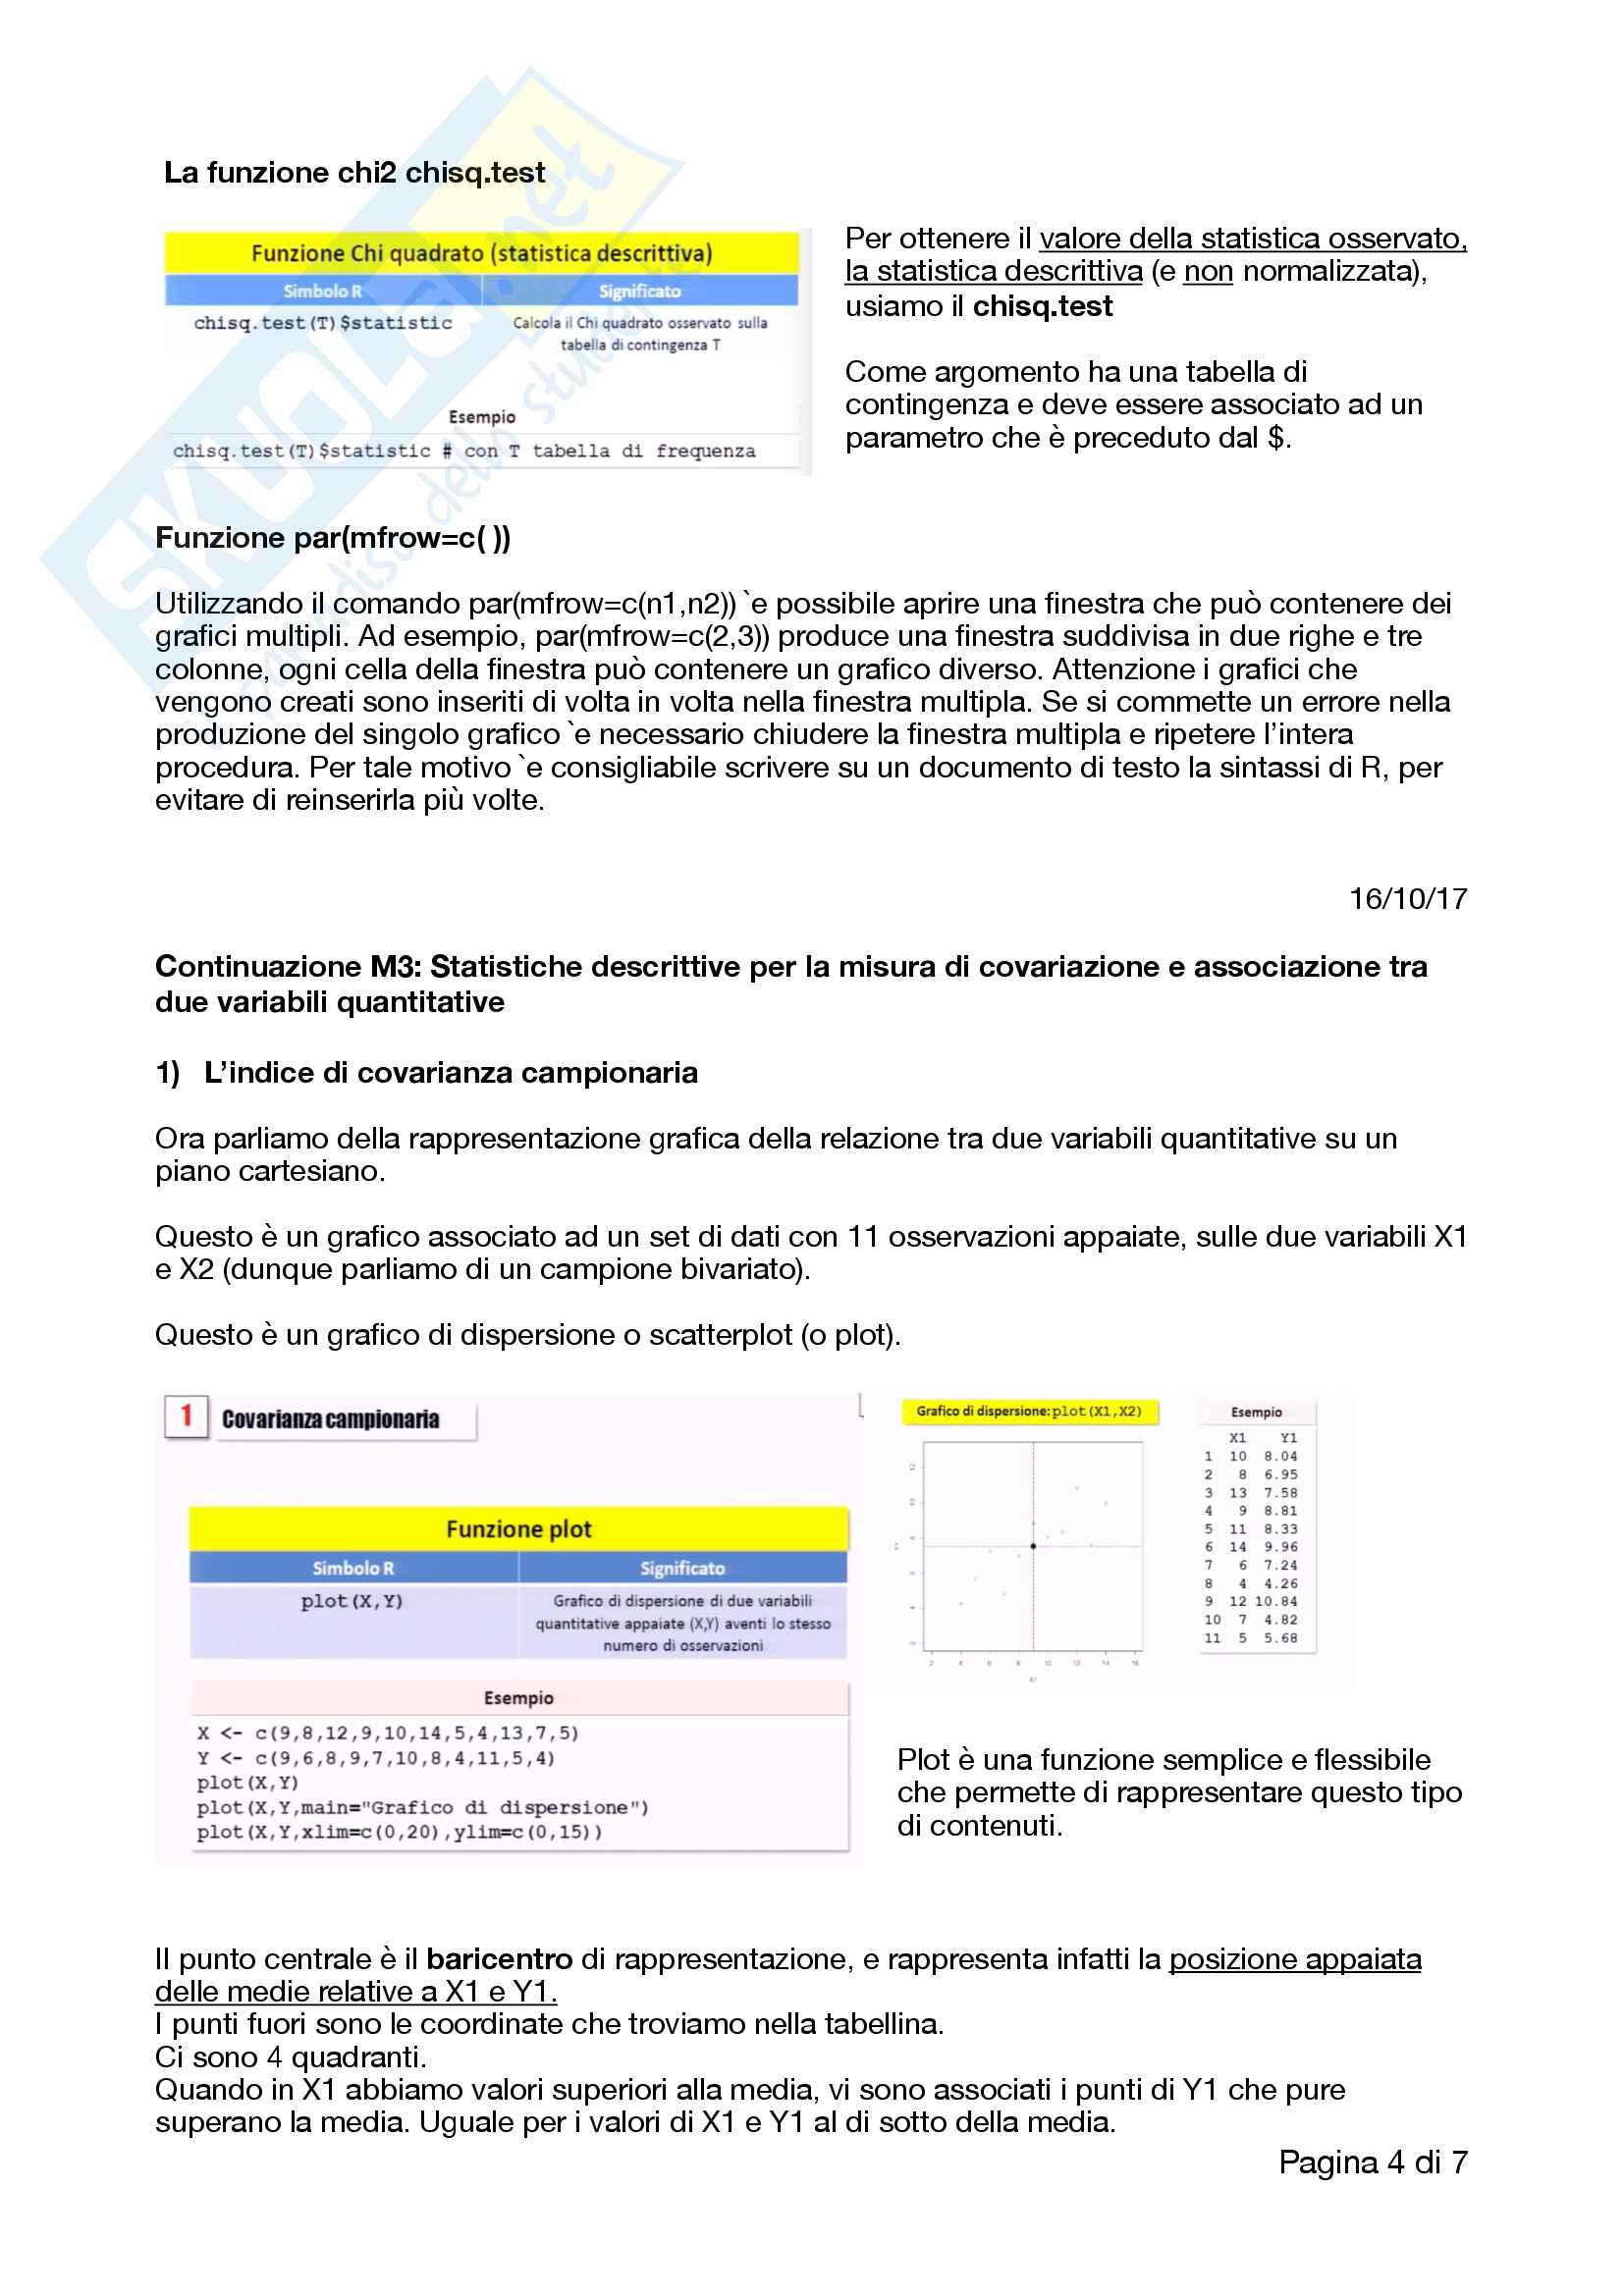 Appunti completi e ottimi di analisi dei dati, R, RStudio e correlati con esempi e esercizi Pag. 31